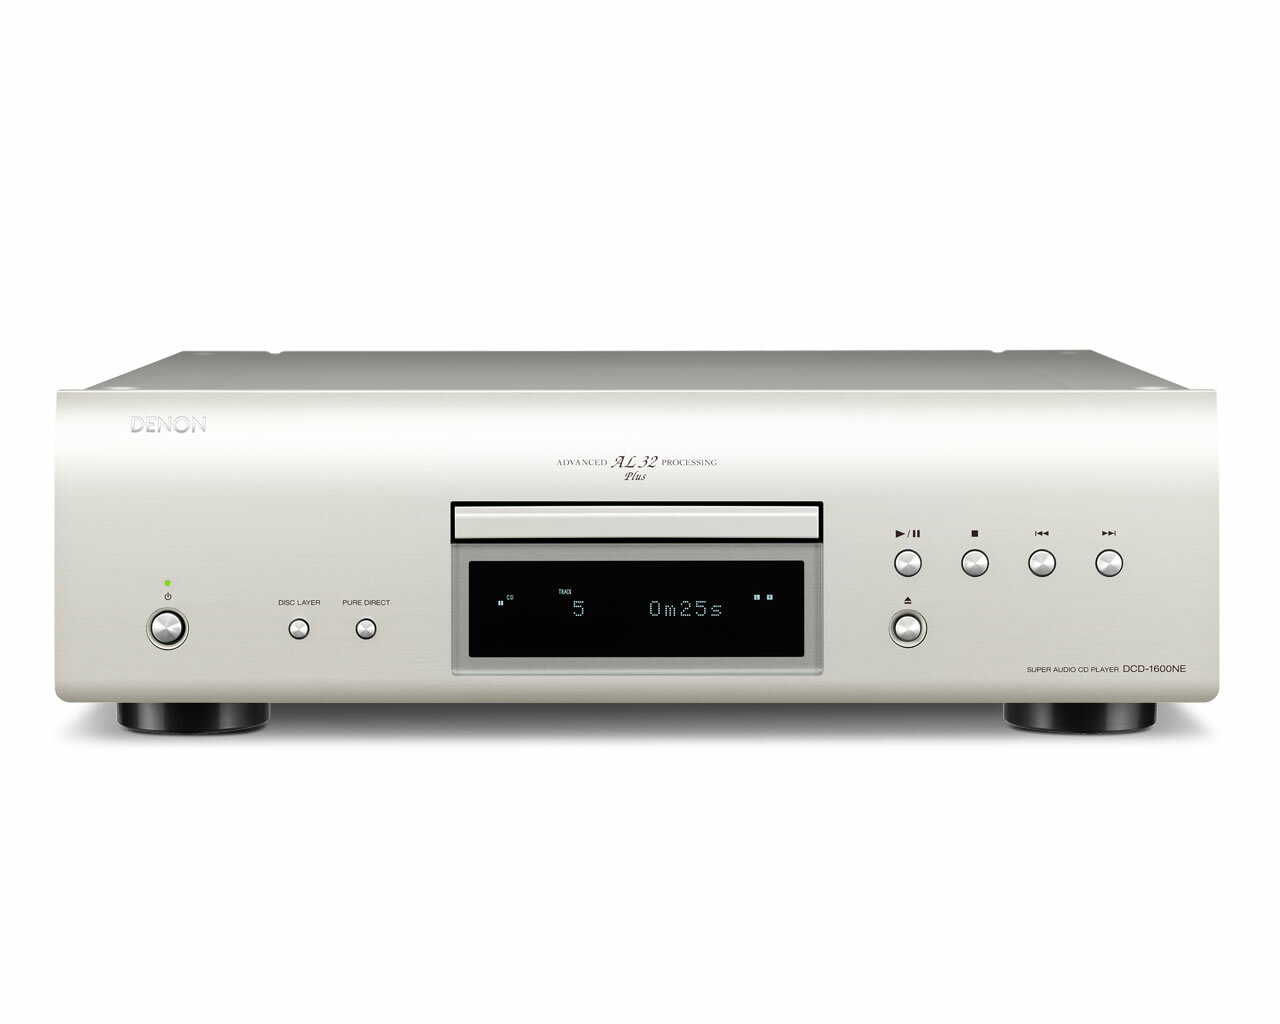 DENON - DCD-1600NE(SACDプレーヤー)【店頭受取対応商品】【次回8月末入荷予定・ご予約受付中】